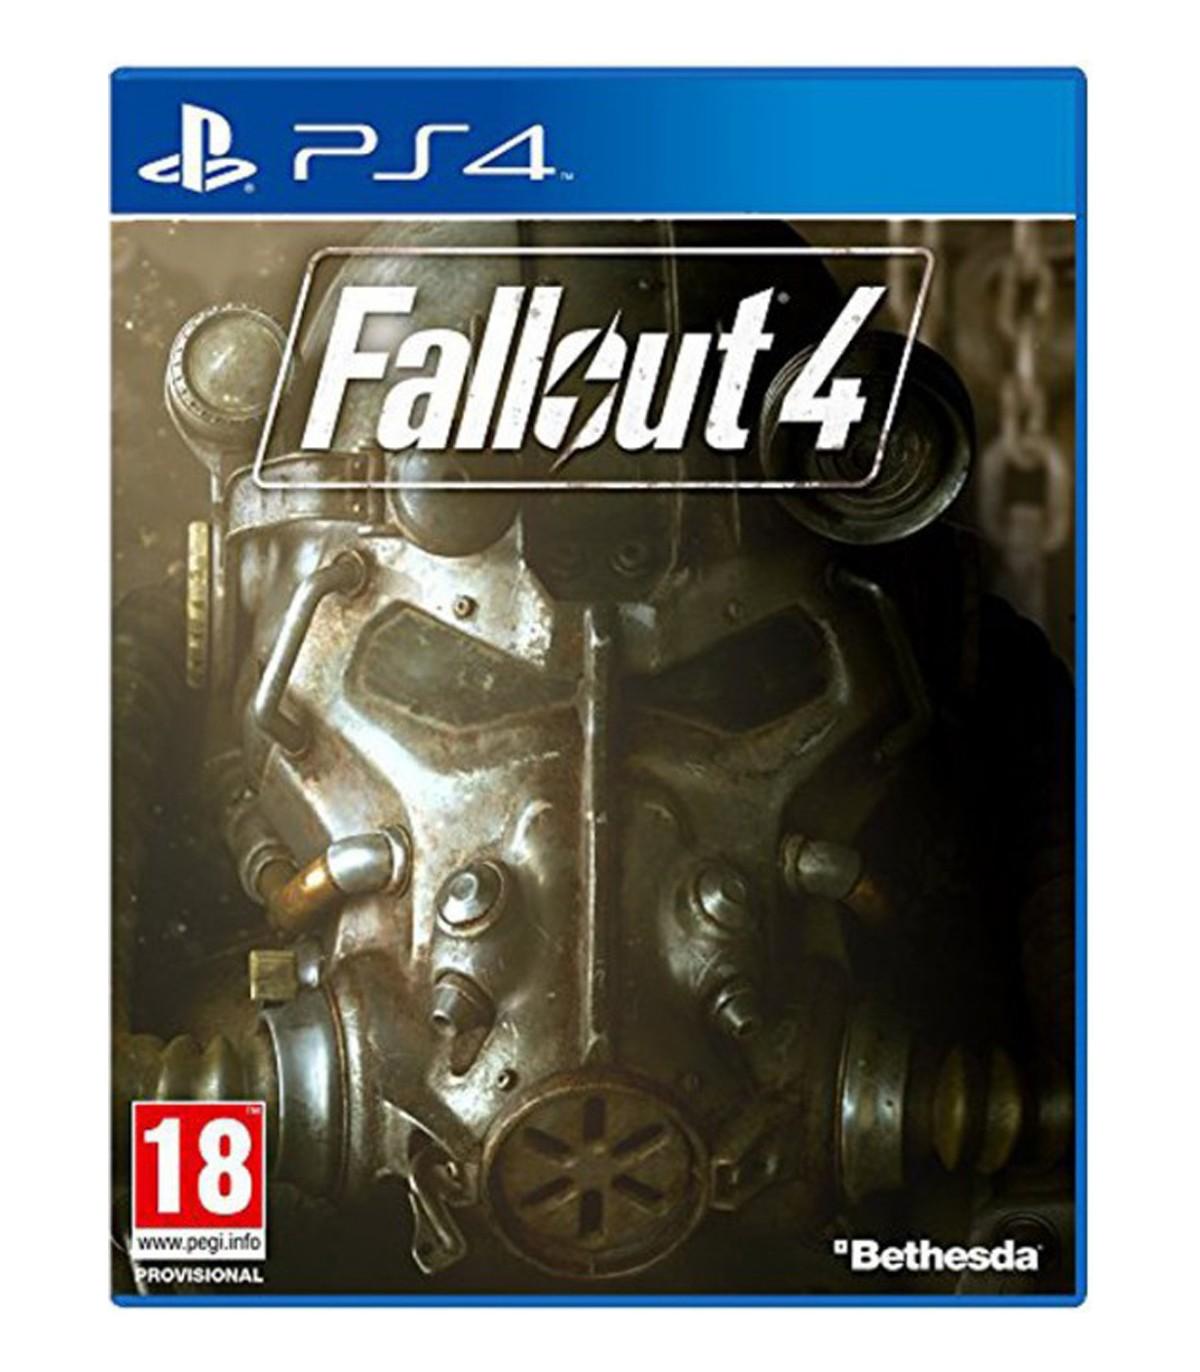 بازی Fallout 4 کارکرده - پلی استیشن 4